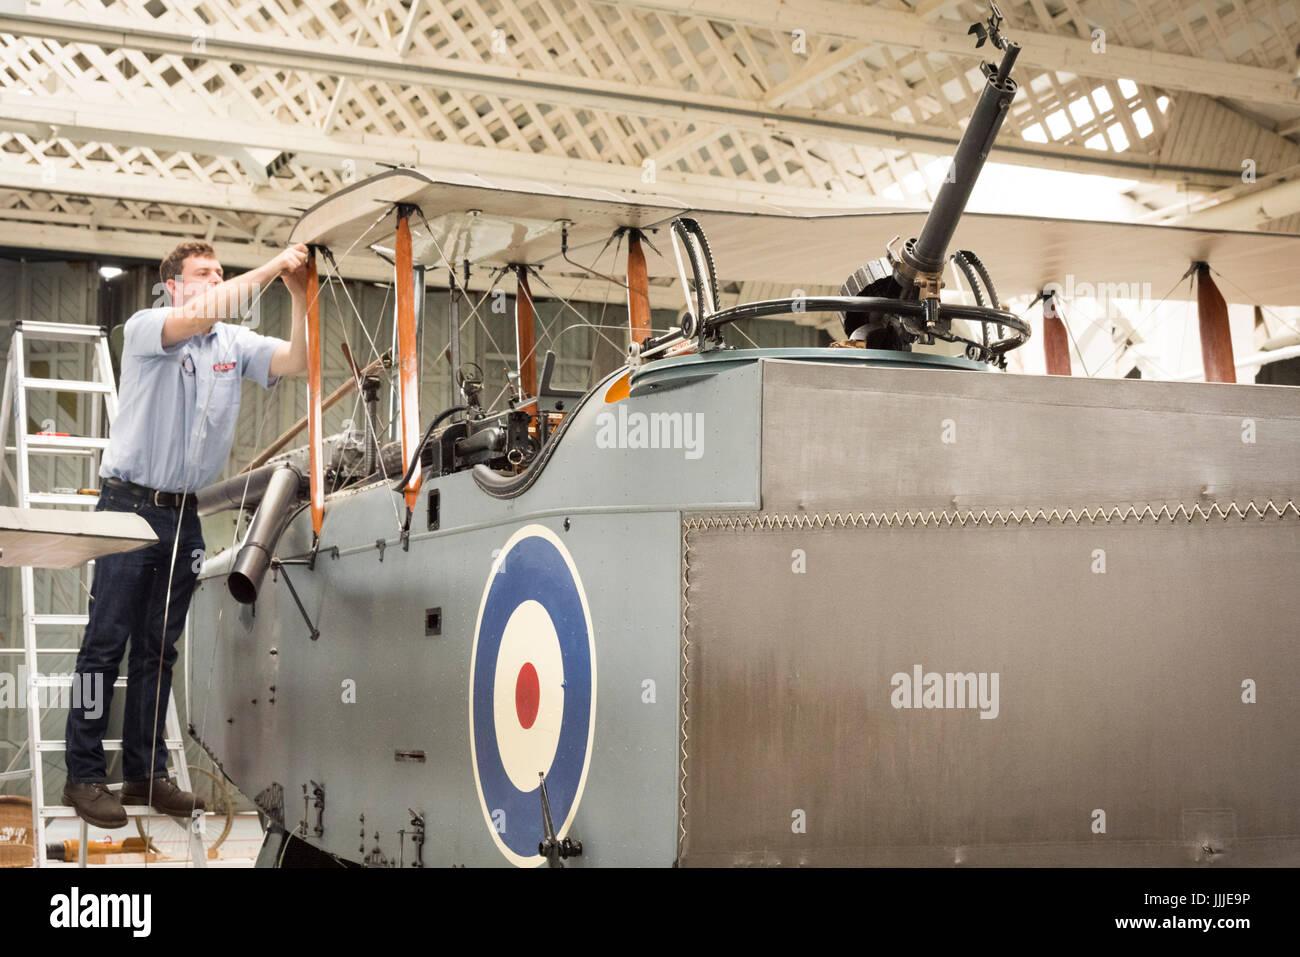 Duxford Cambridgeshire, Royaume-Uni. 20 juillet, 2017. George Taylor un ingénieur travaille sur un rare première Guerre Mondiale De Havilland DH9 pour les bombardiers qui a été entièrement restauré et il est maintenant en cours d'assemblage pour l'affichage et vol à l'Imperial War Museum. L'avion a 100 ans, en cours d'assemblage dans un WW1 cintre sur le 100e anniversaire de l'Imperial War Museum. L'avion est le seul au Royaume-Uni et a été restauré après avoir été trouvés dans un éléphant stable à la Palace de Bikaner, Rajasthan, Inde. Credit: Julian Eales/Alamy Live News Banque D'Images